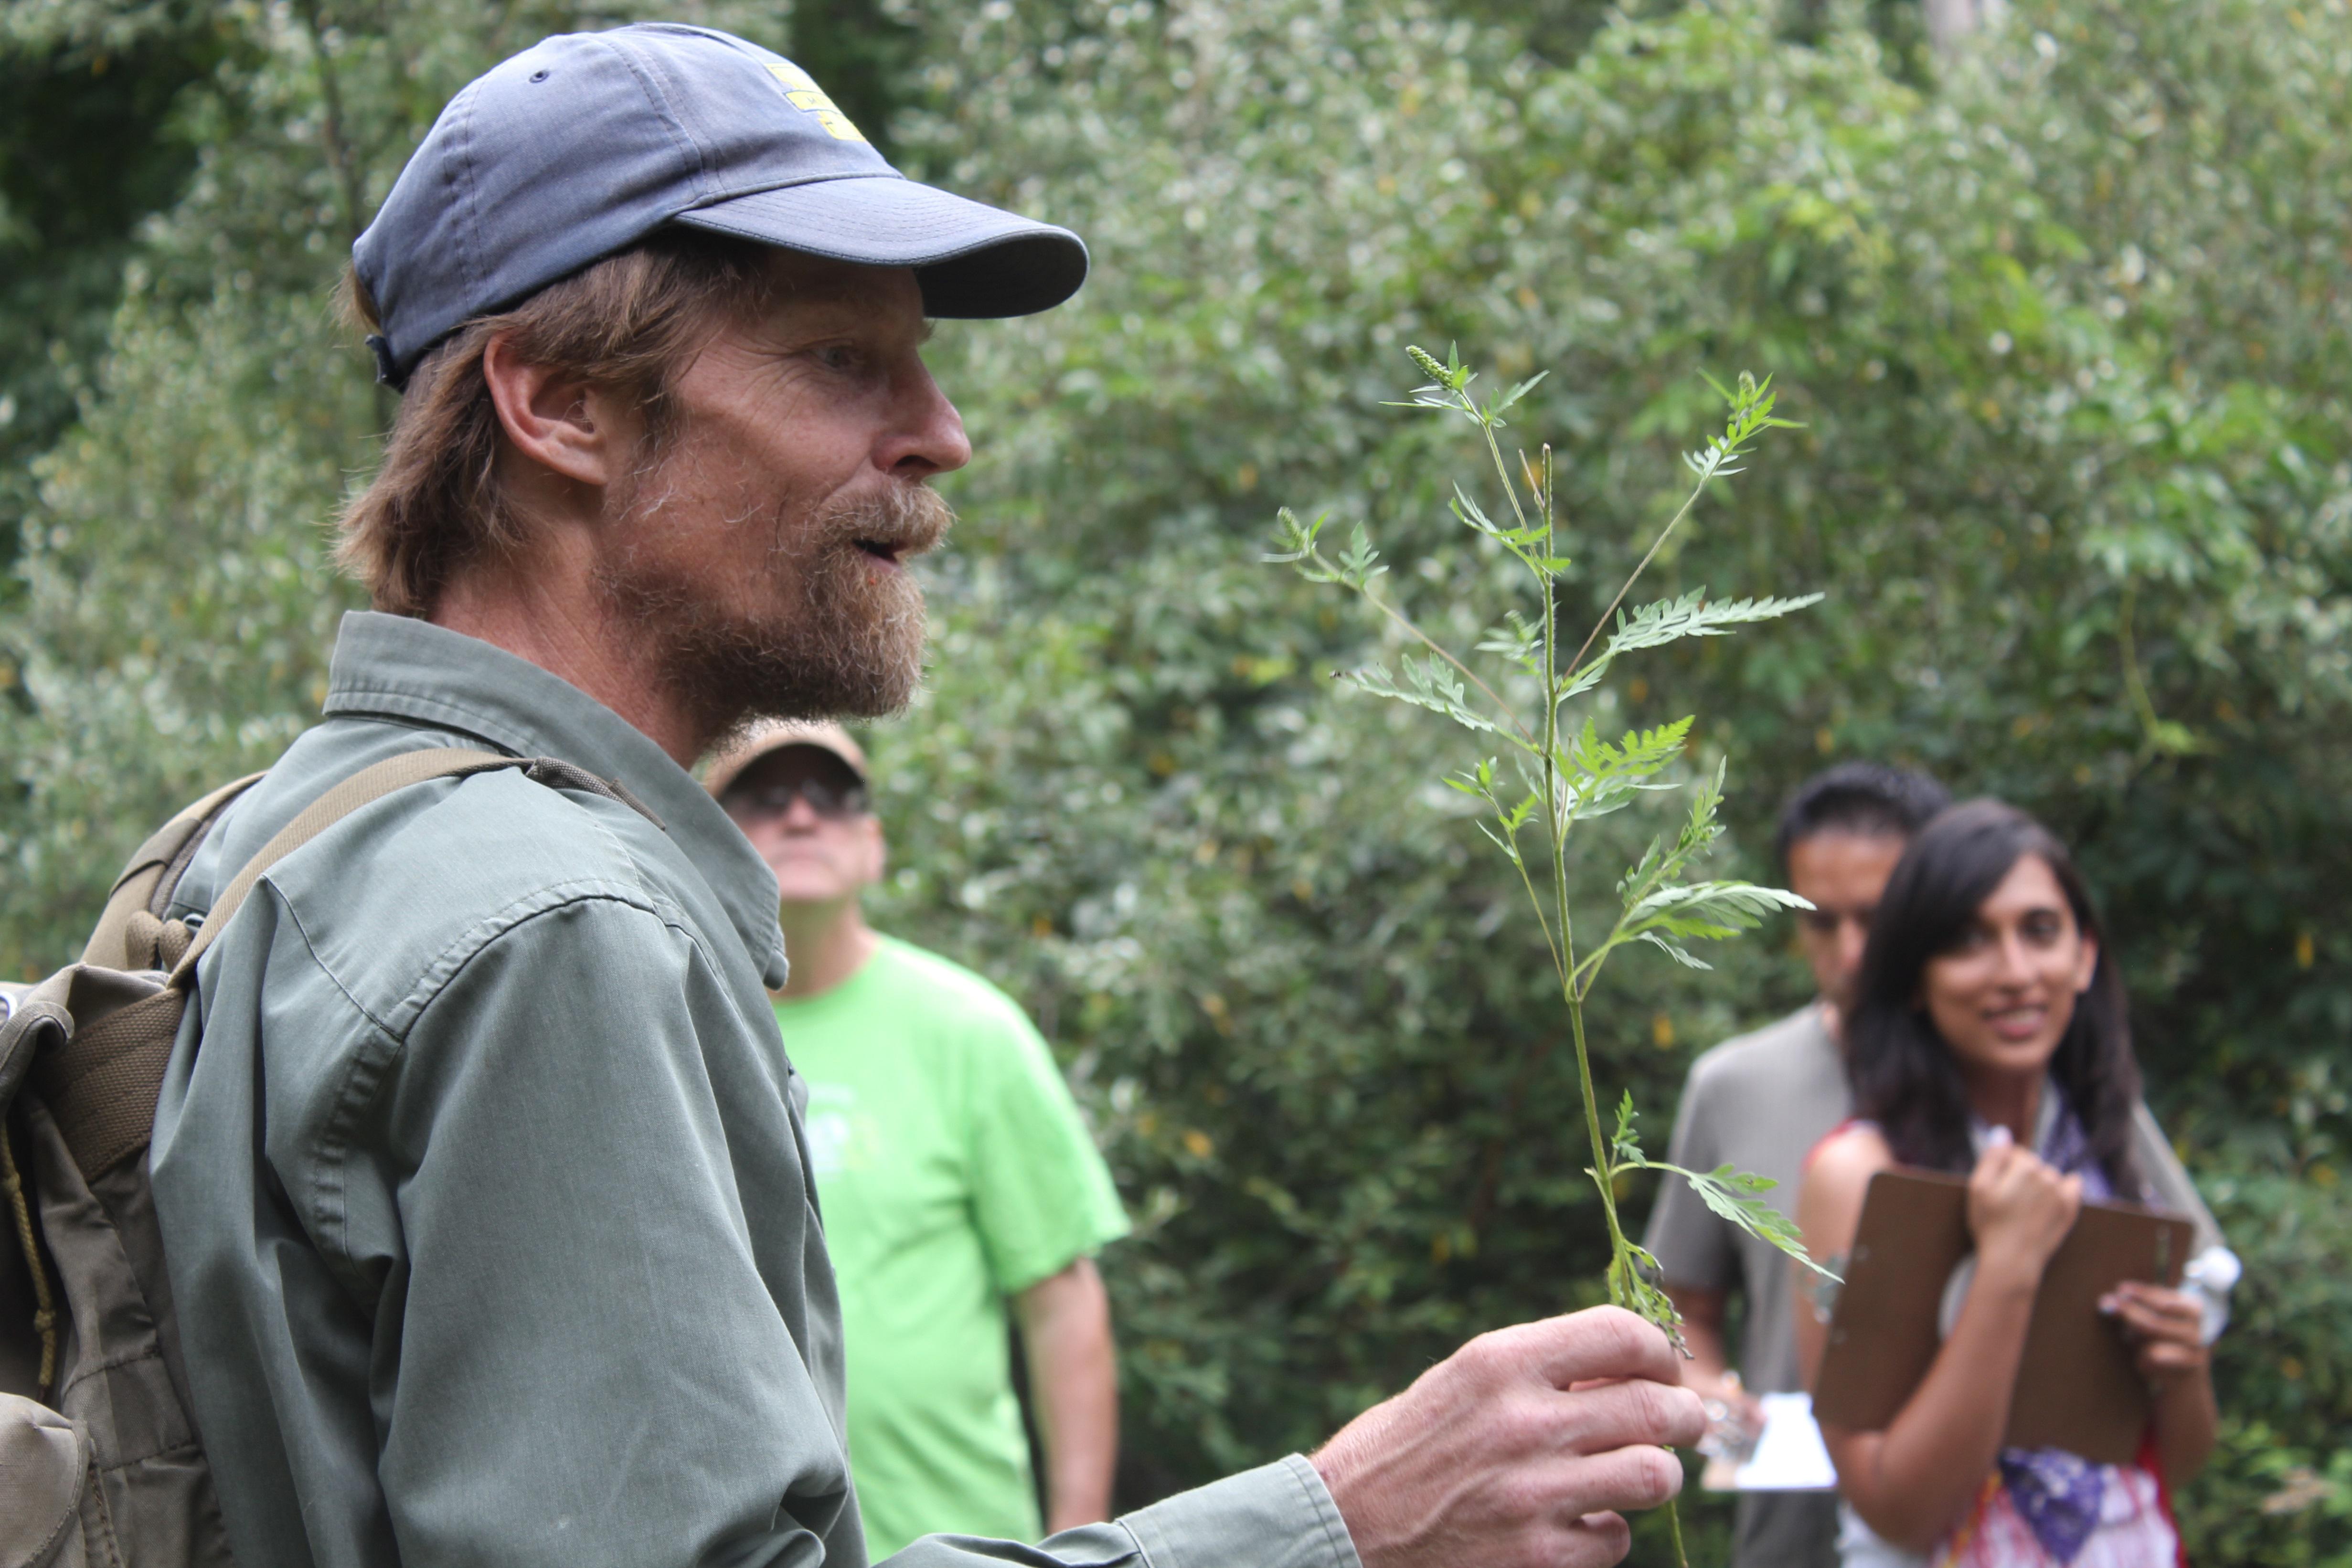 Scratch-N-Sniff plant ragweed